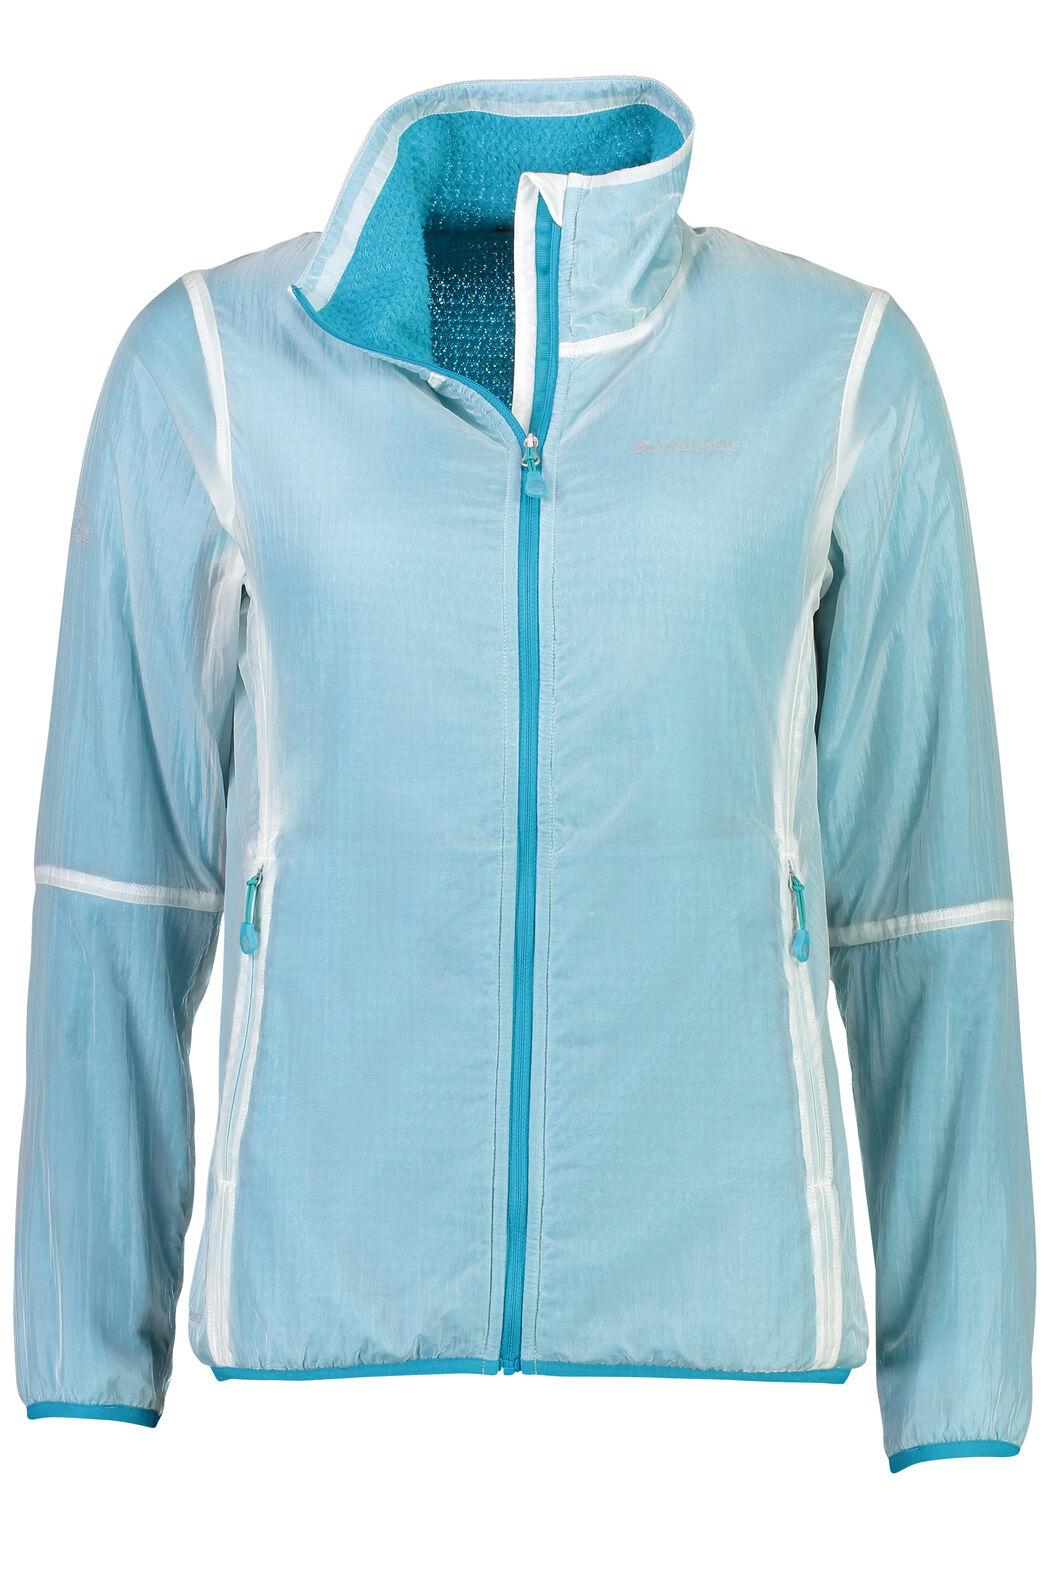 Centauri Polartec® Jacket - Women's, White/Enamel, hi-res